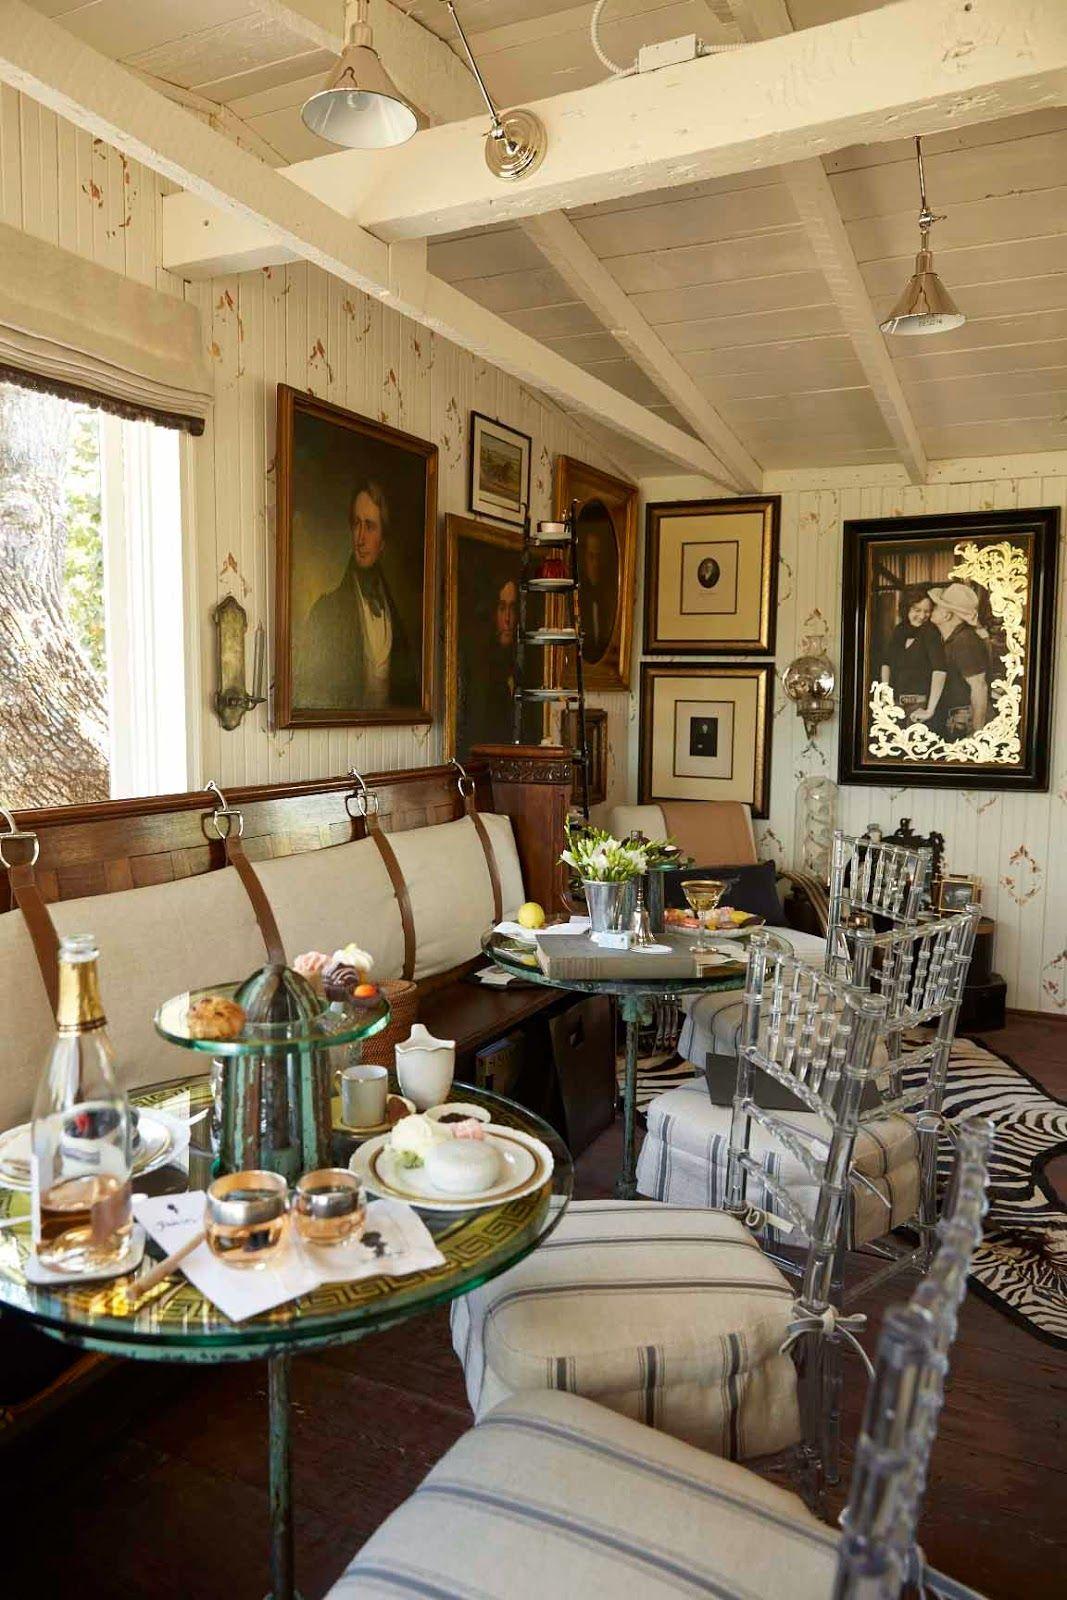 positively british san francisco interior designer. Black Bedroom Furniture Sets. Home Design Ideas